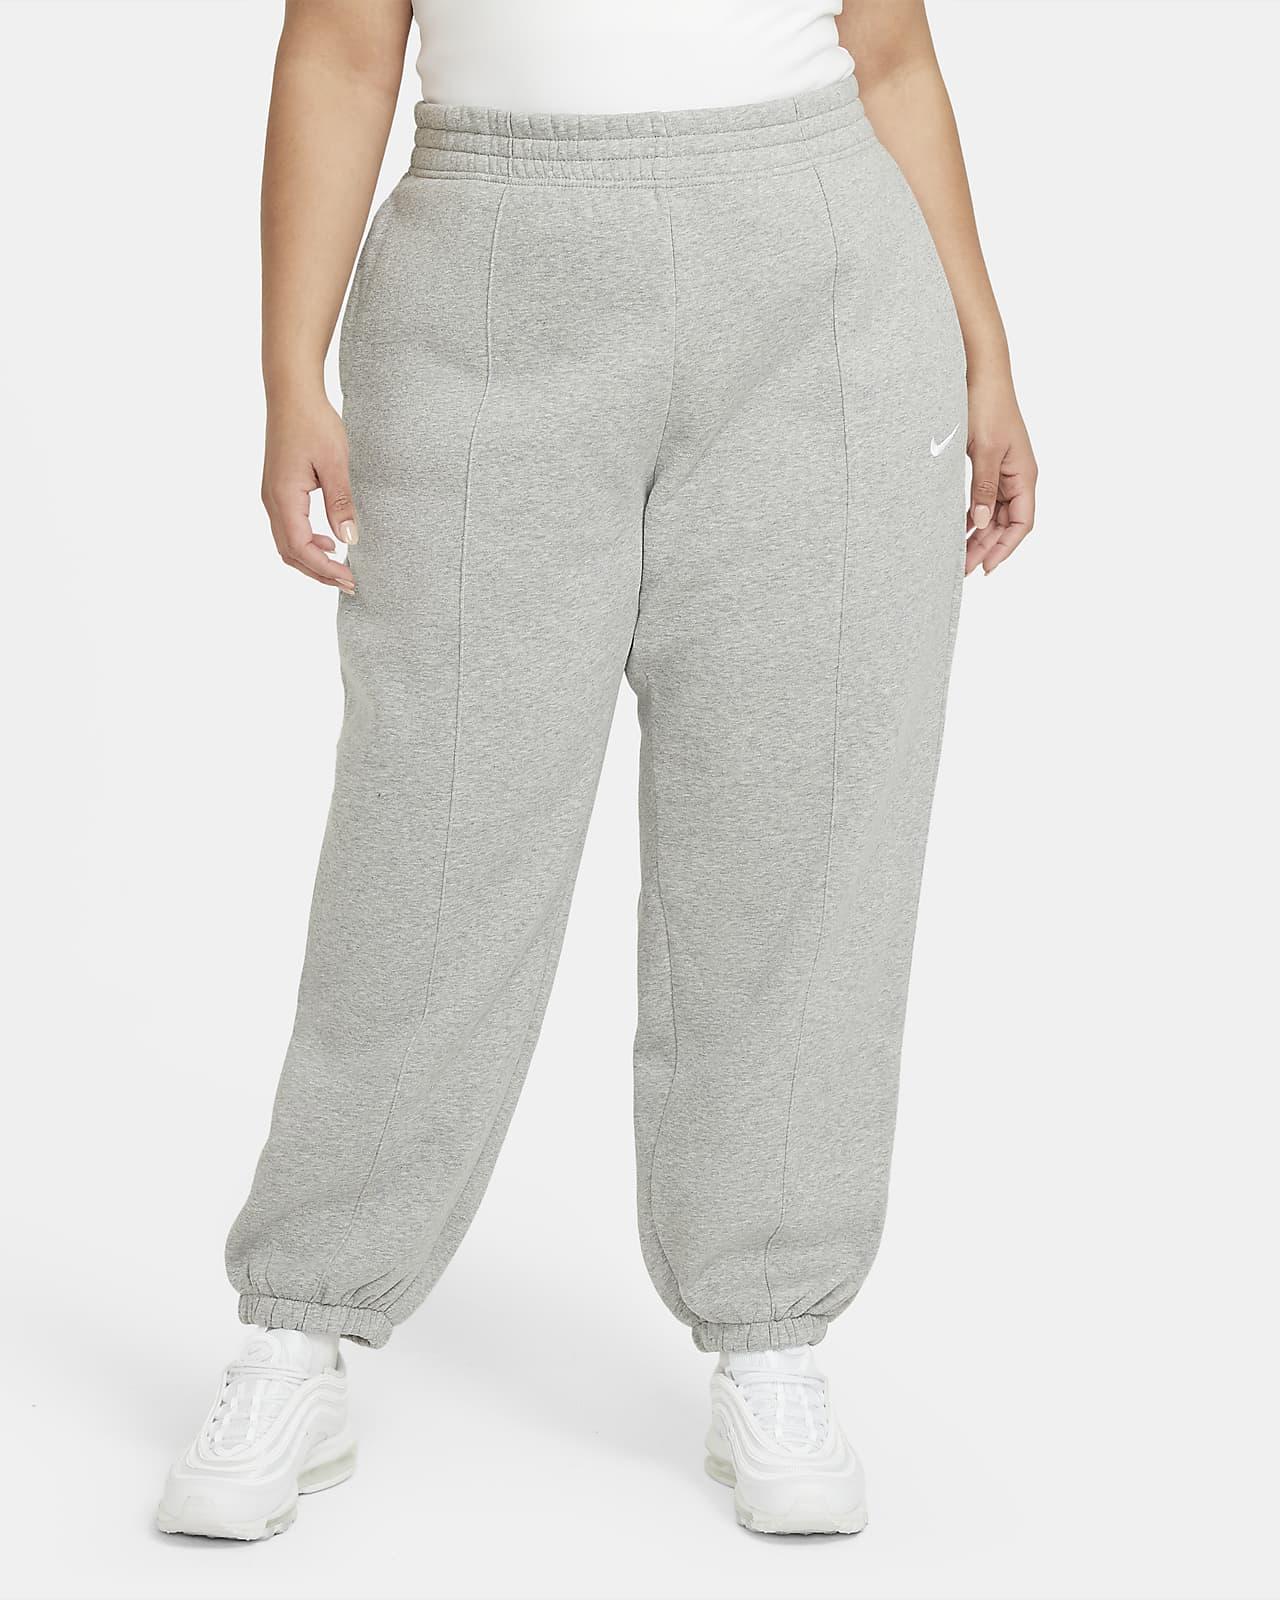 Damskie spodnie z dzianiny Nike Sportswear Trend (duże rozmiary)